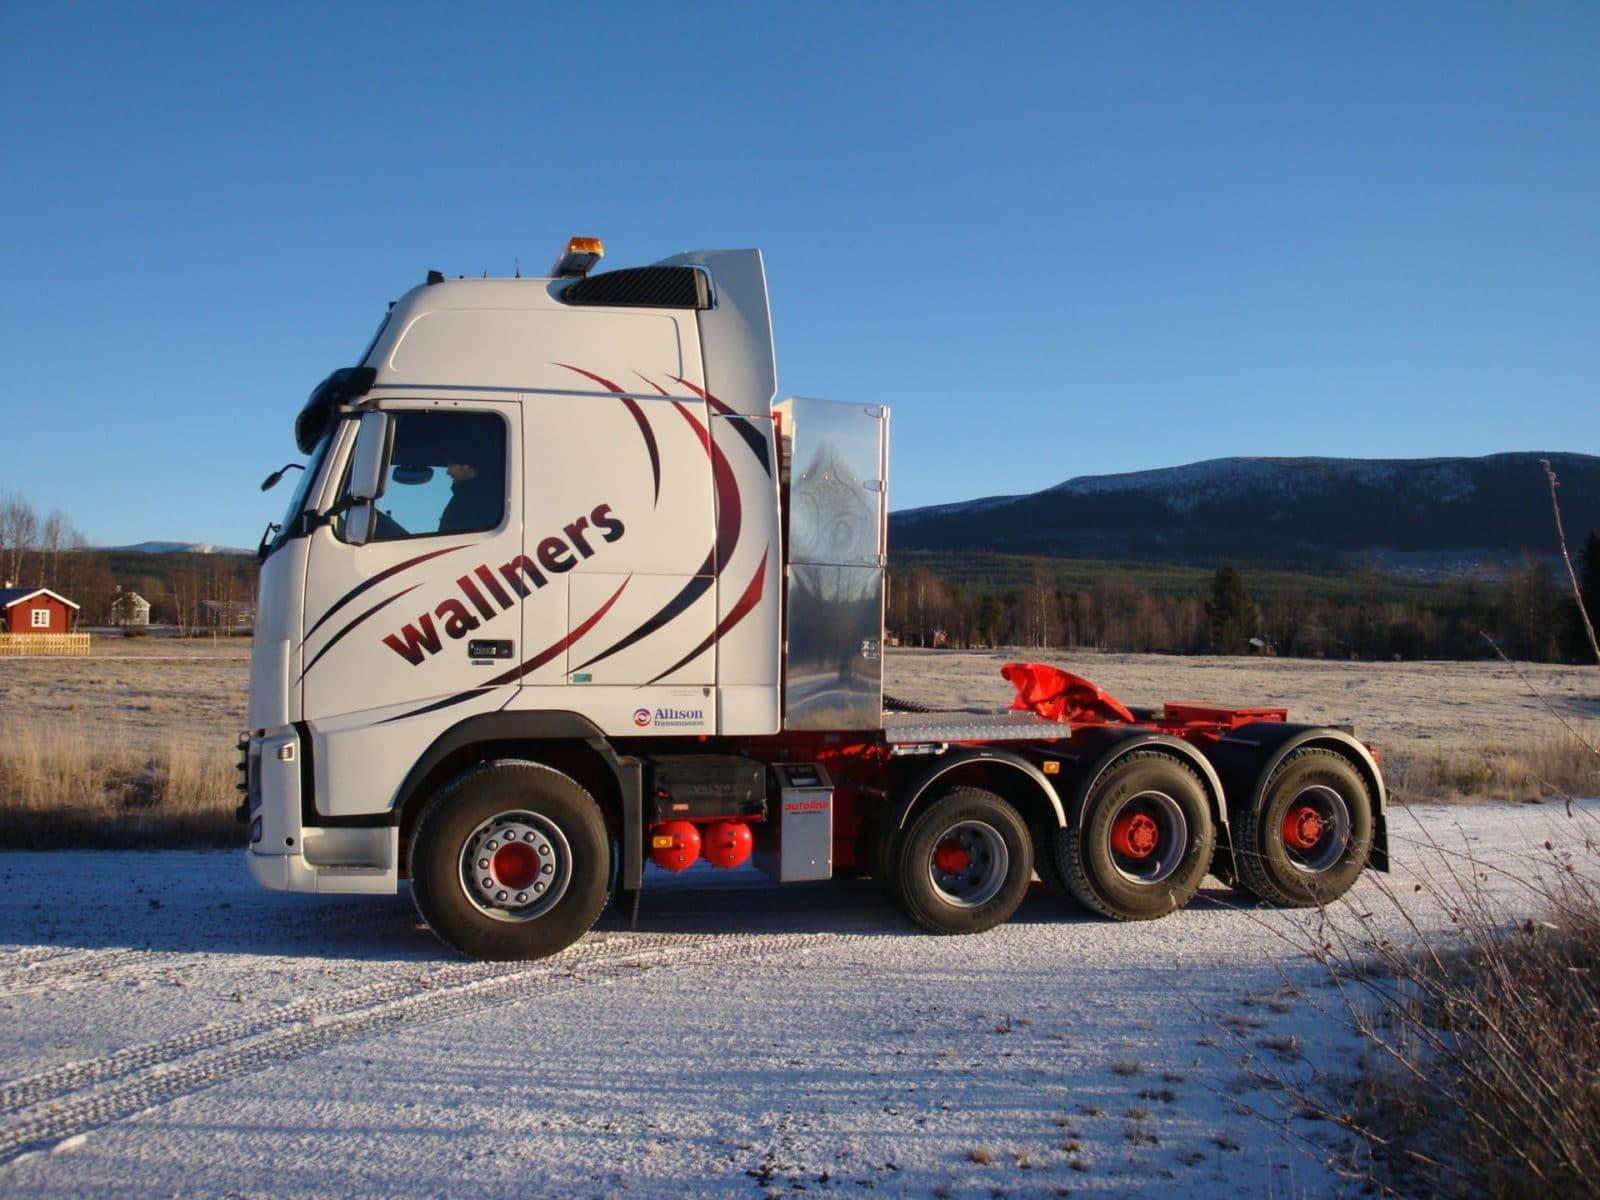 1026311-wallners-specialtrp-19